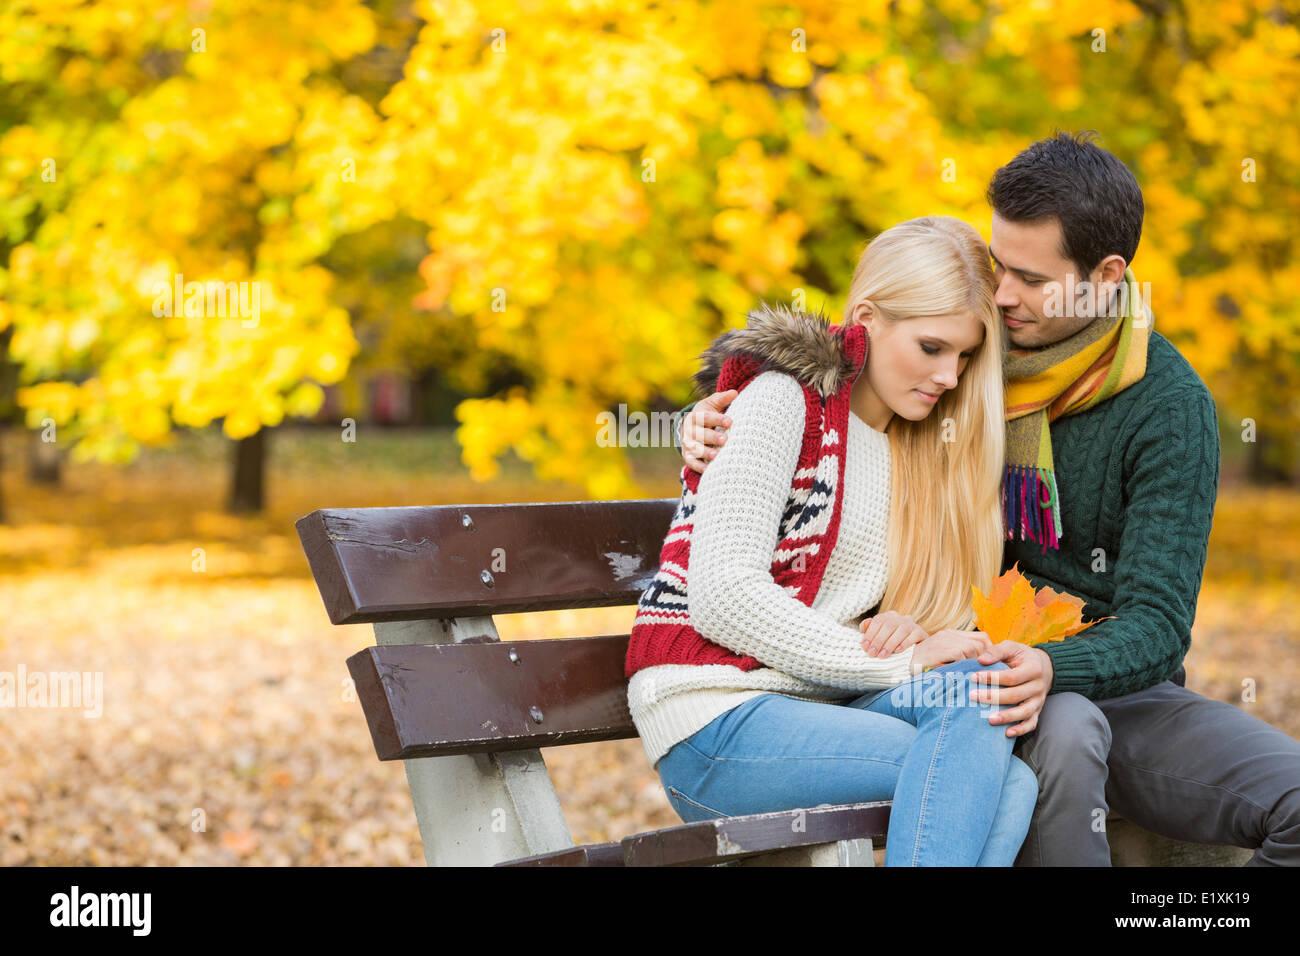 Jeune homme aimant hugging femme timide sur banc de parc au cours de l'automne Photo Stock